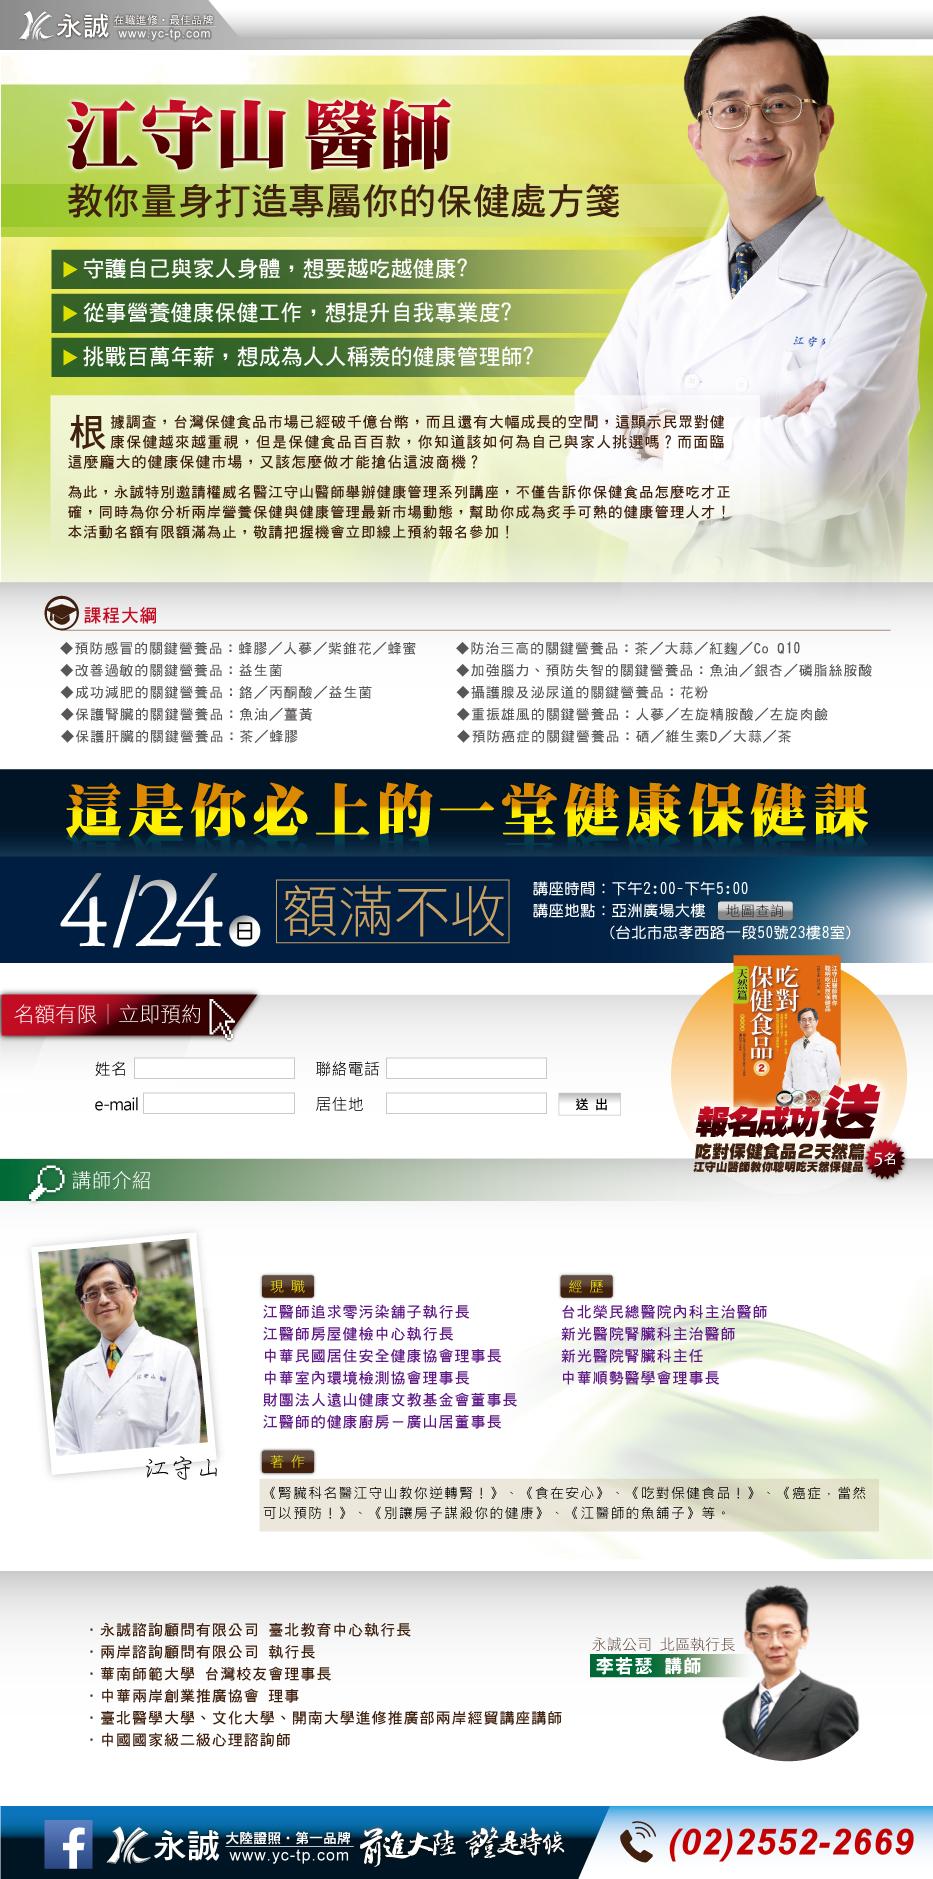 【永誠大陸證照】江守山醫師教你量身打造專屬你的保健處方箋